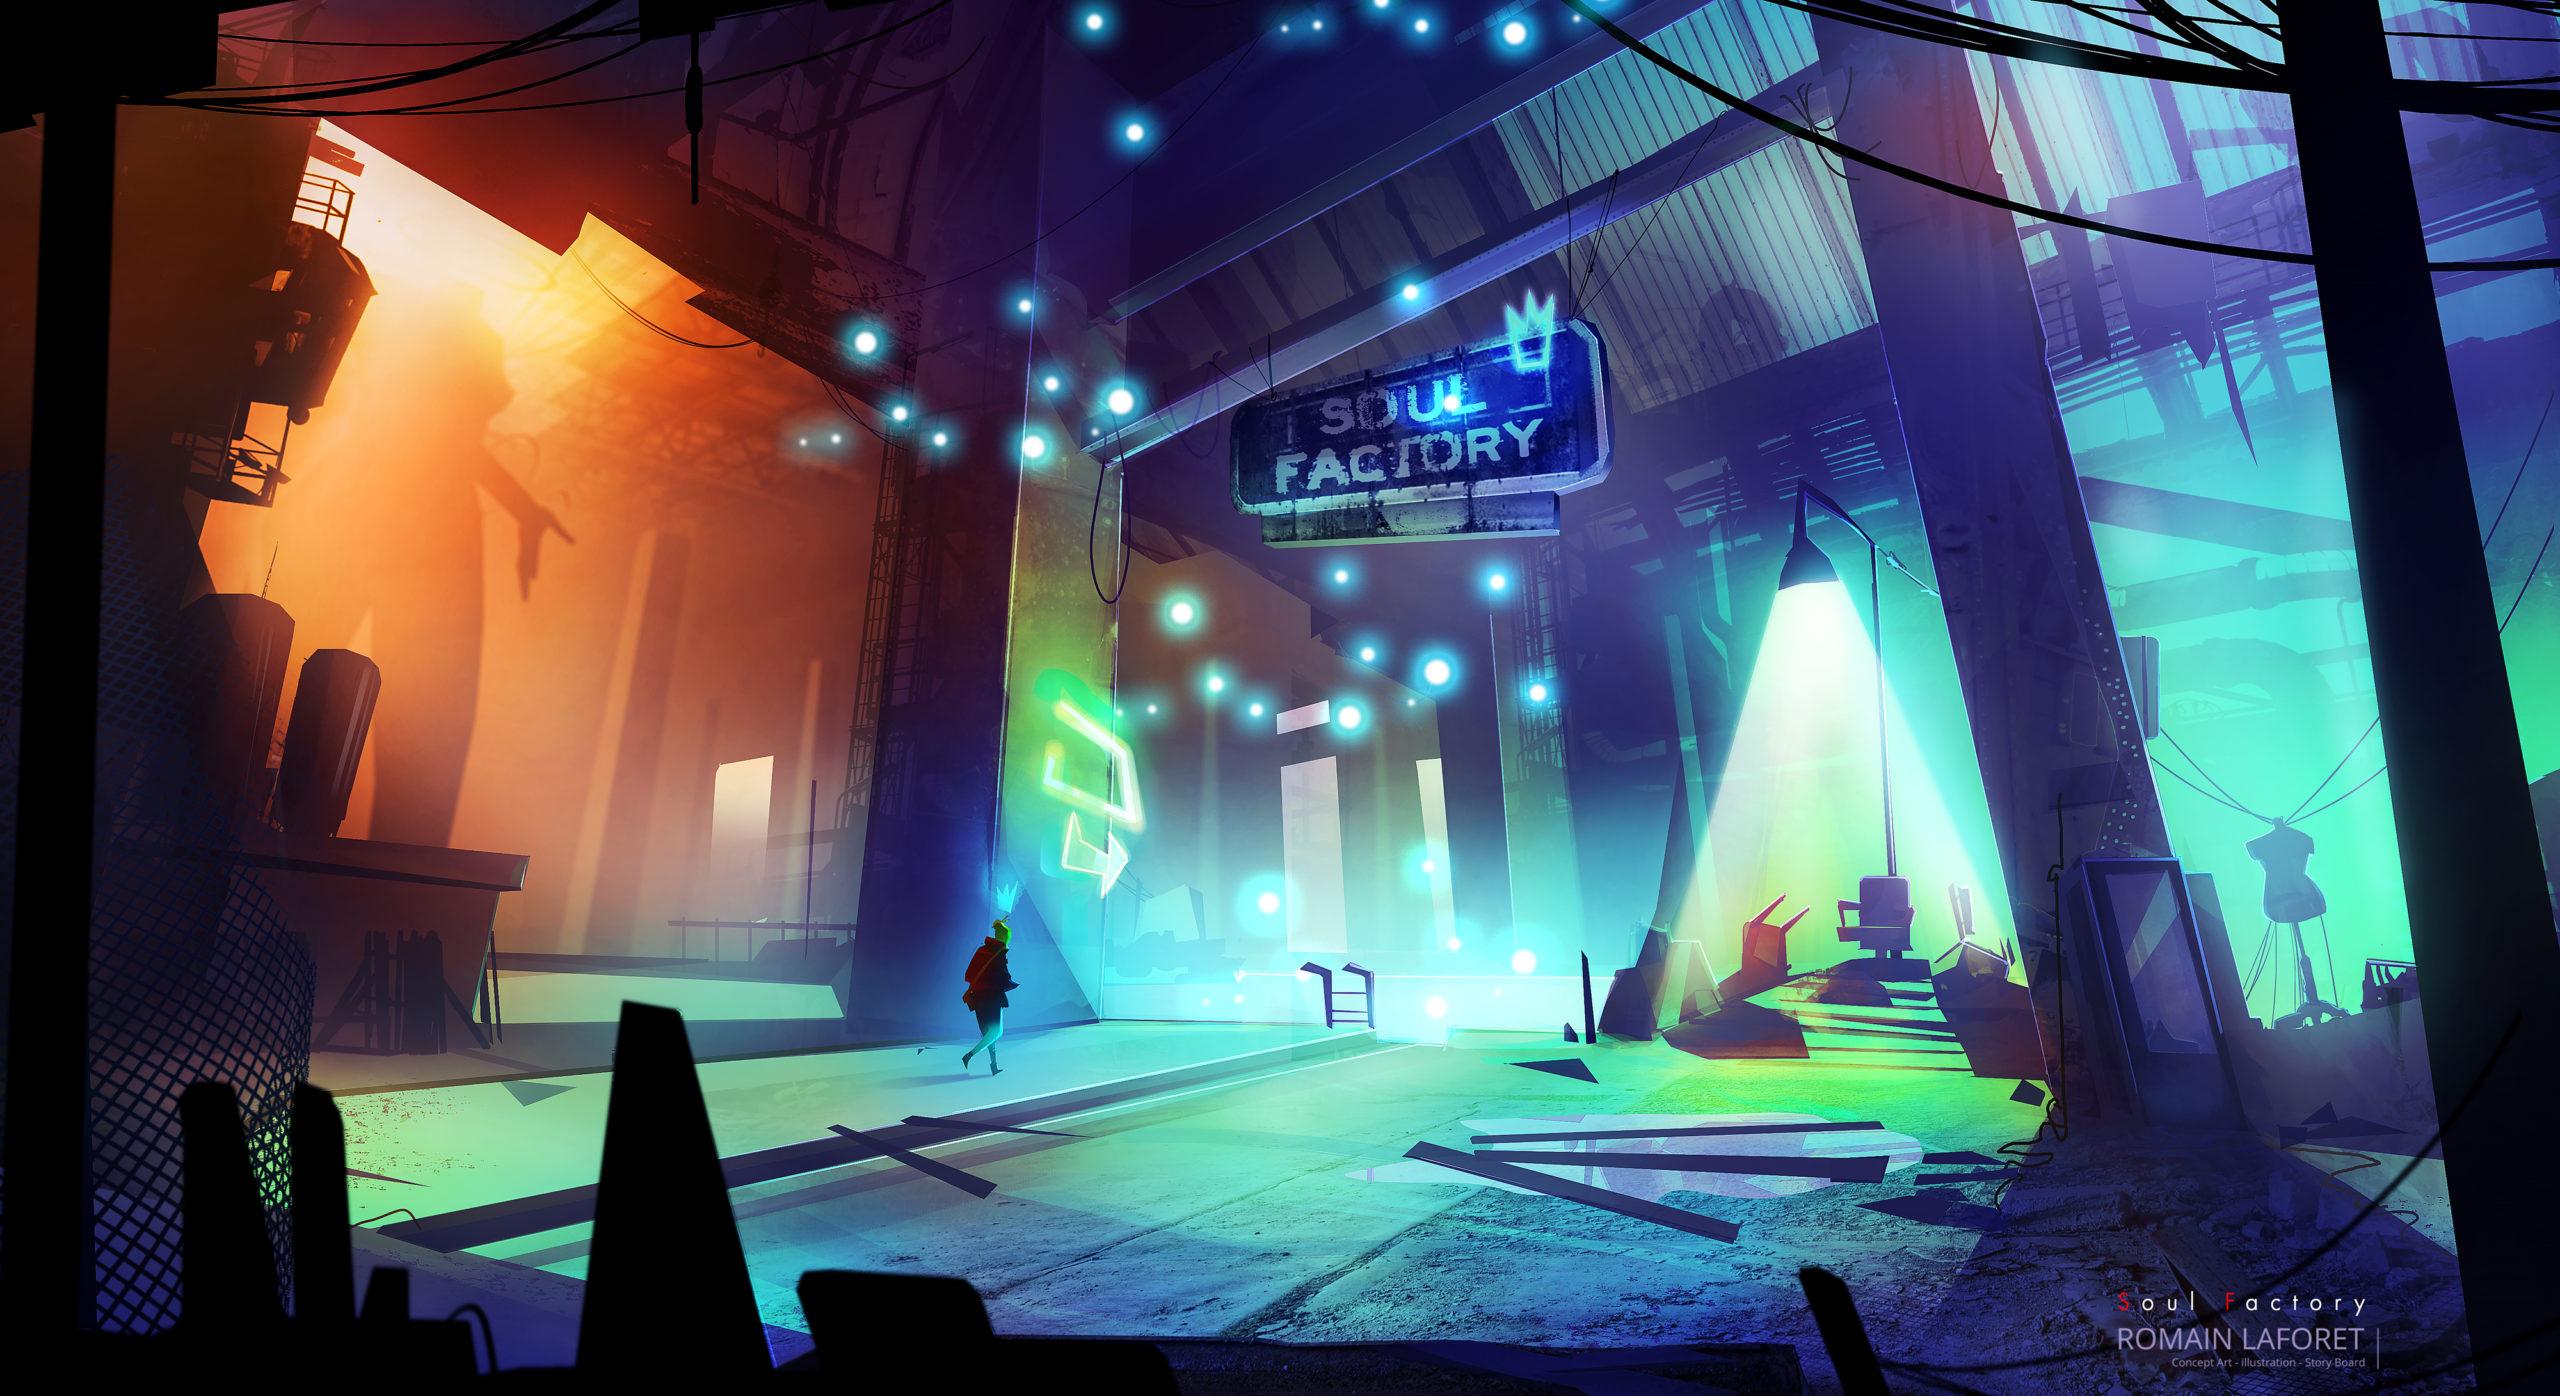 Soul factory romain laforet concept art environment concept